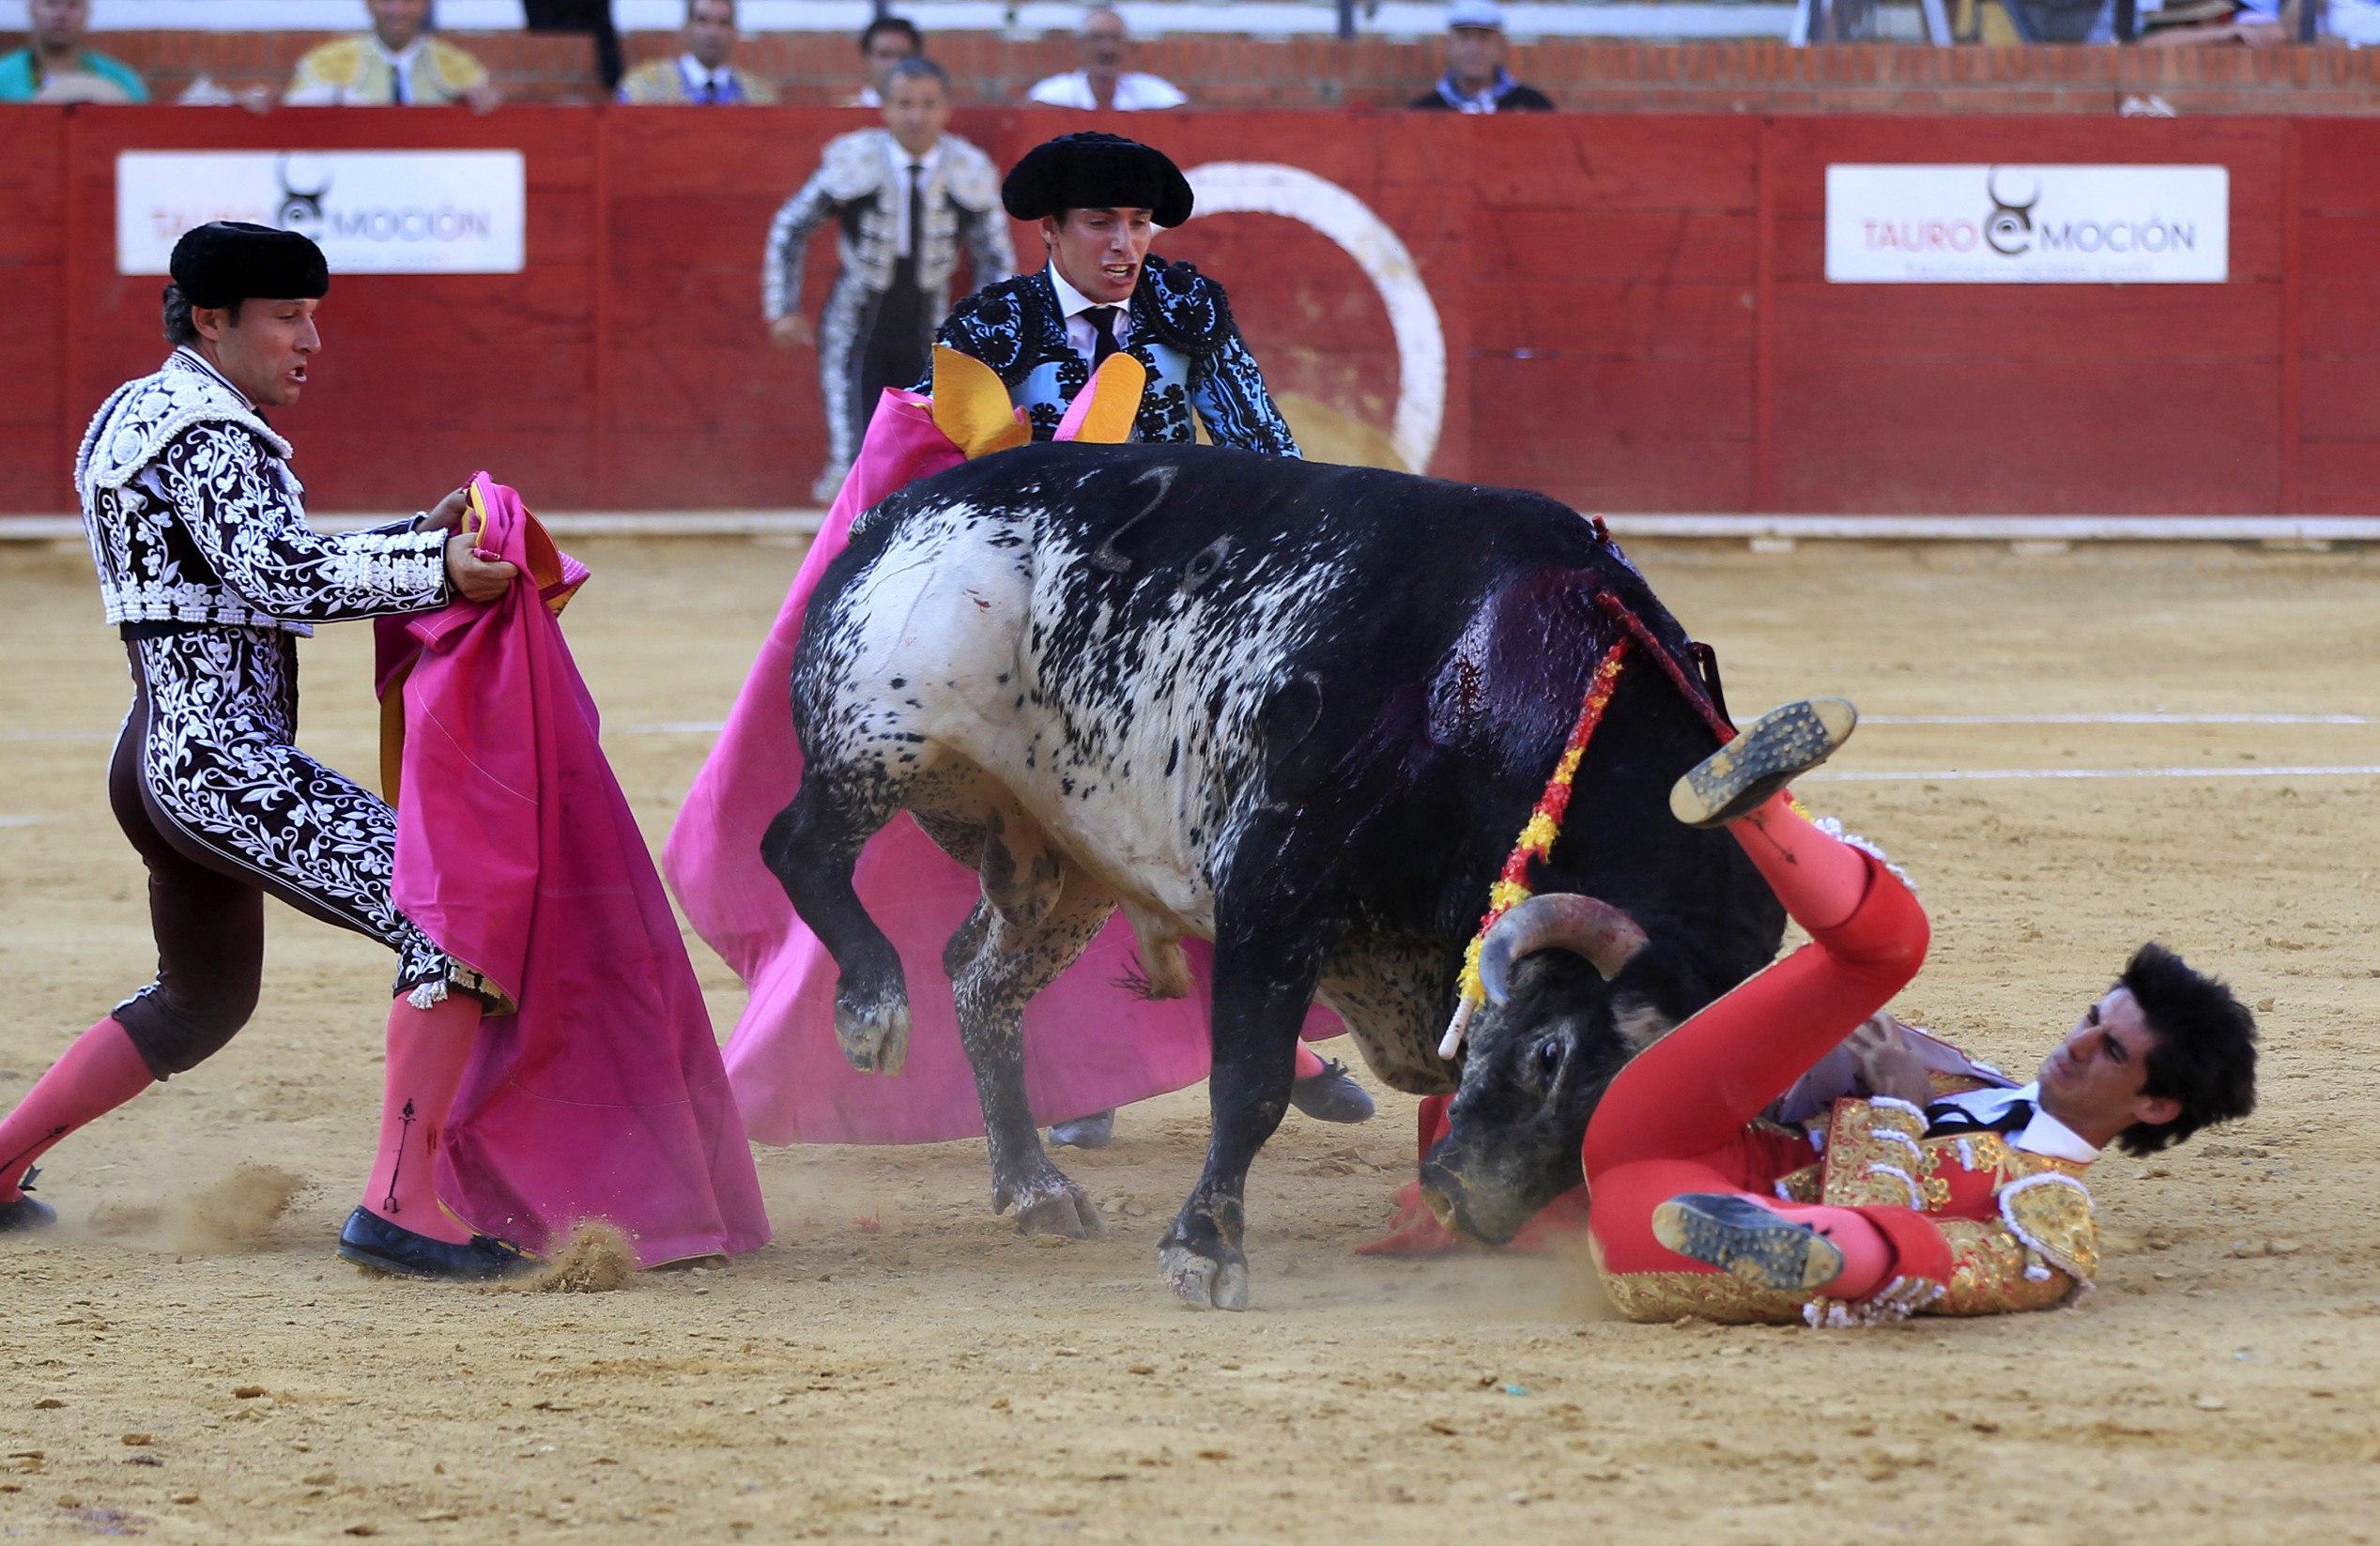 GRA317. TERUEL, 09/07/2016.- El torero segoviano de 29 años Víctor Barrio (d) ha fallecido esta tarde en la plaza de toros de Teruel, en la Feria del Ángel, tras sufrir una grave cogida en el tercer toro de la tarde. EFE/Antonio García